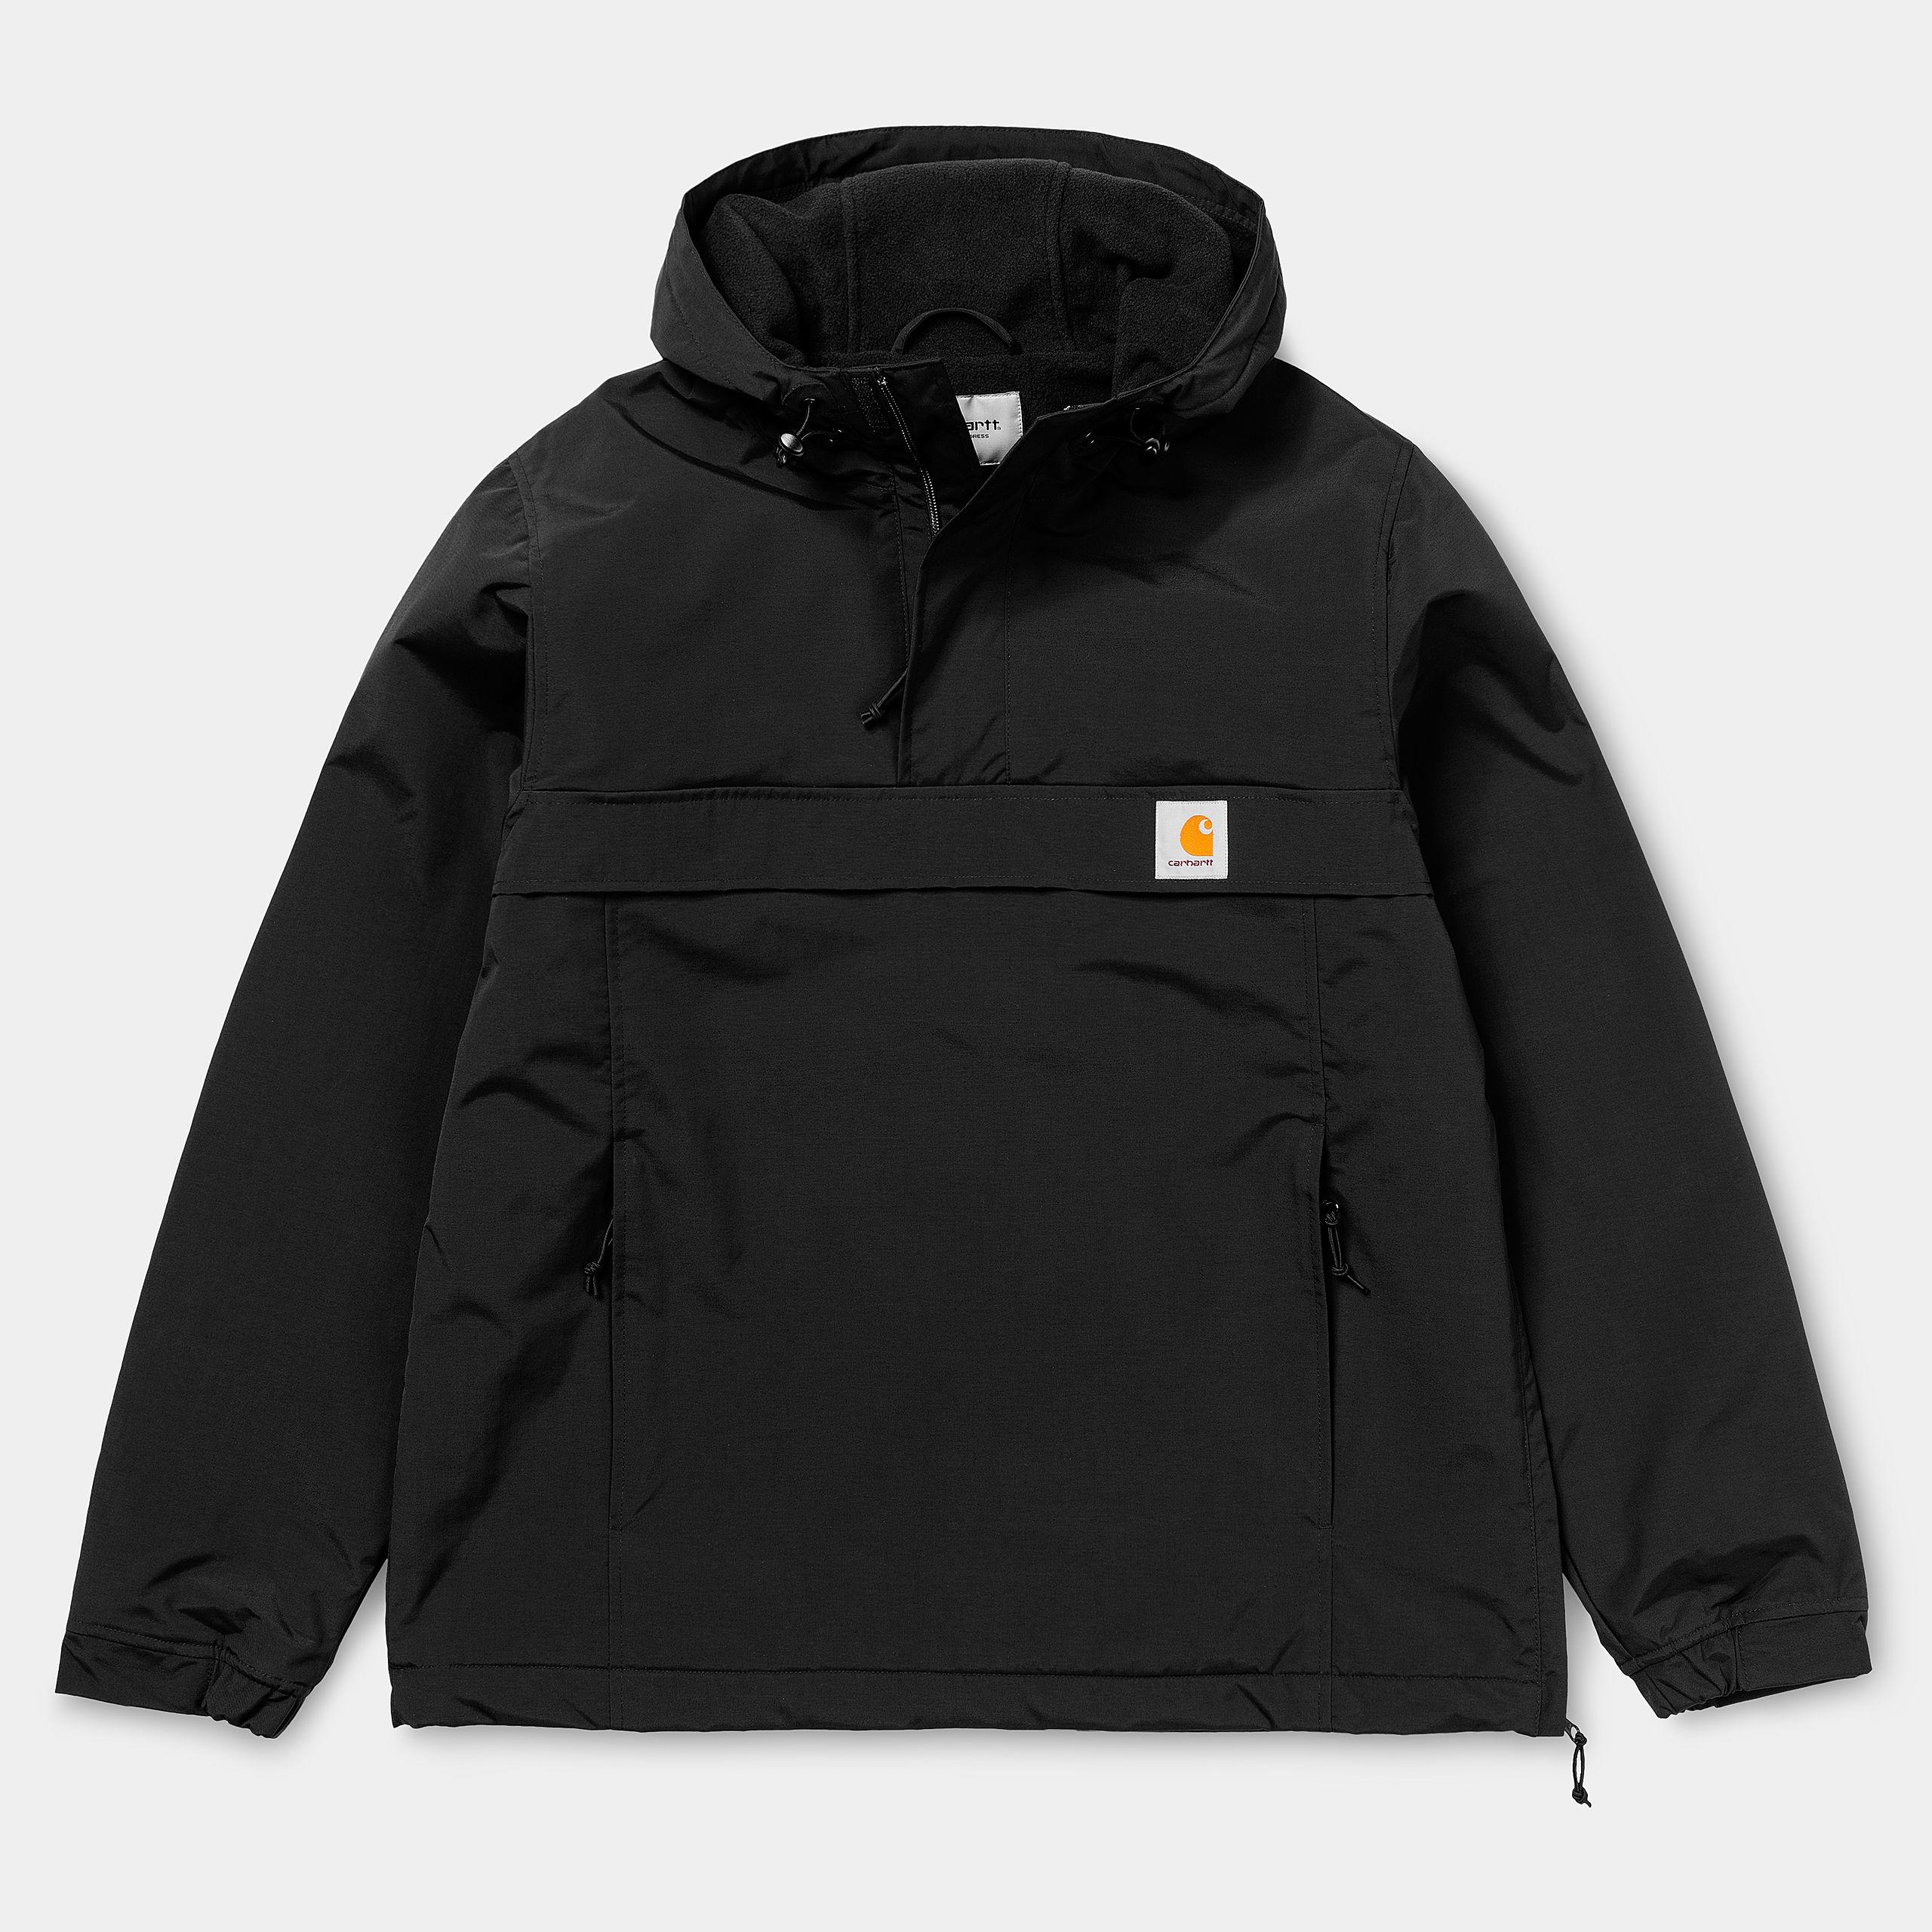 Carhartt WIP Nimbus Pullover (Jacke) Winter für Herren in schwarz (Gr. XS - M + XL)